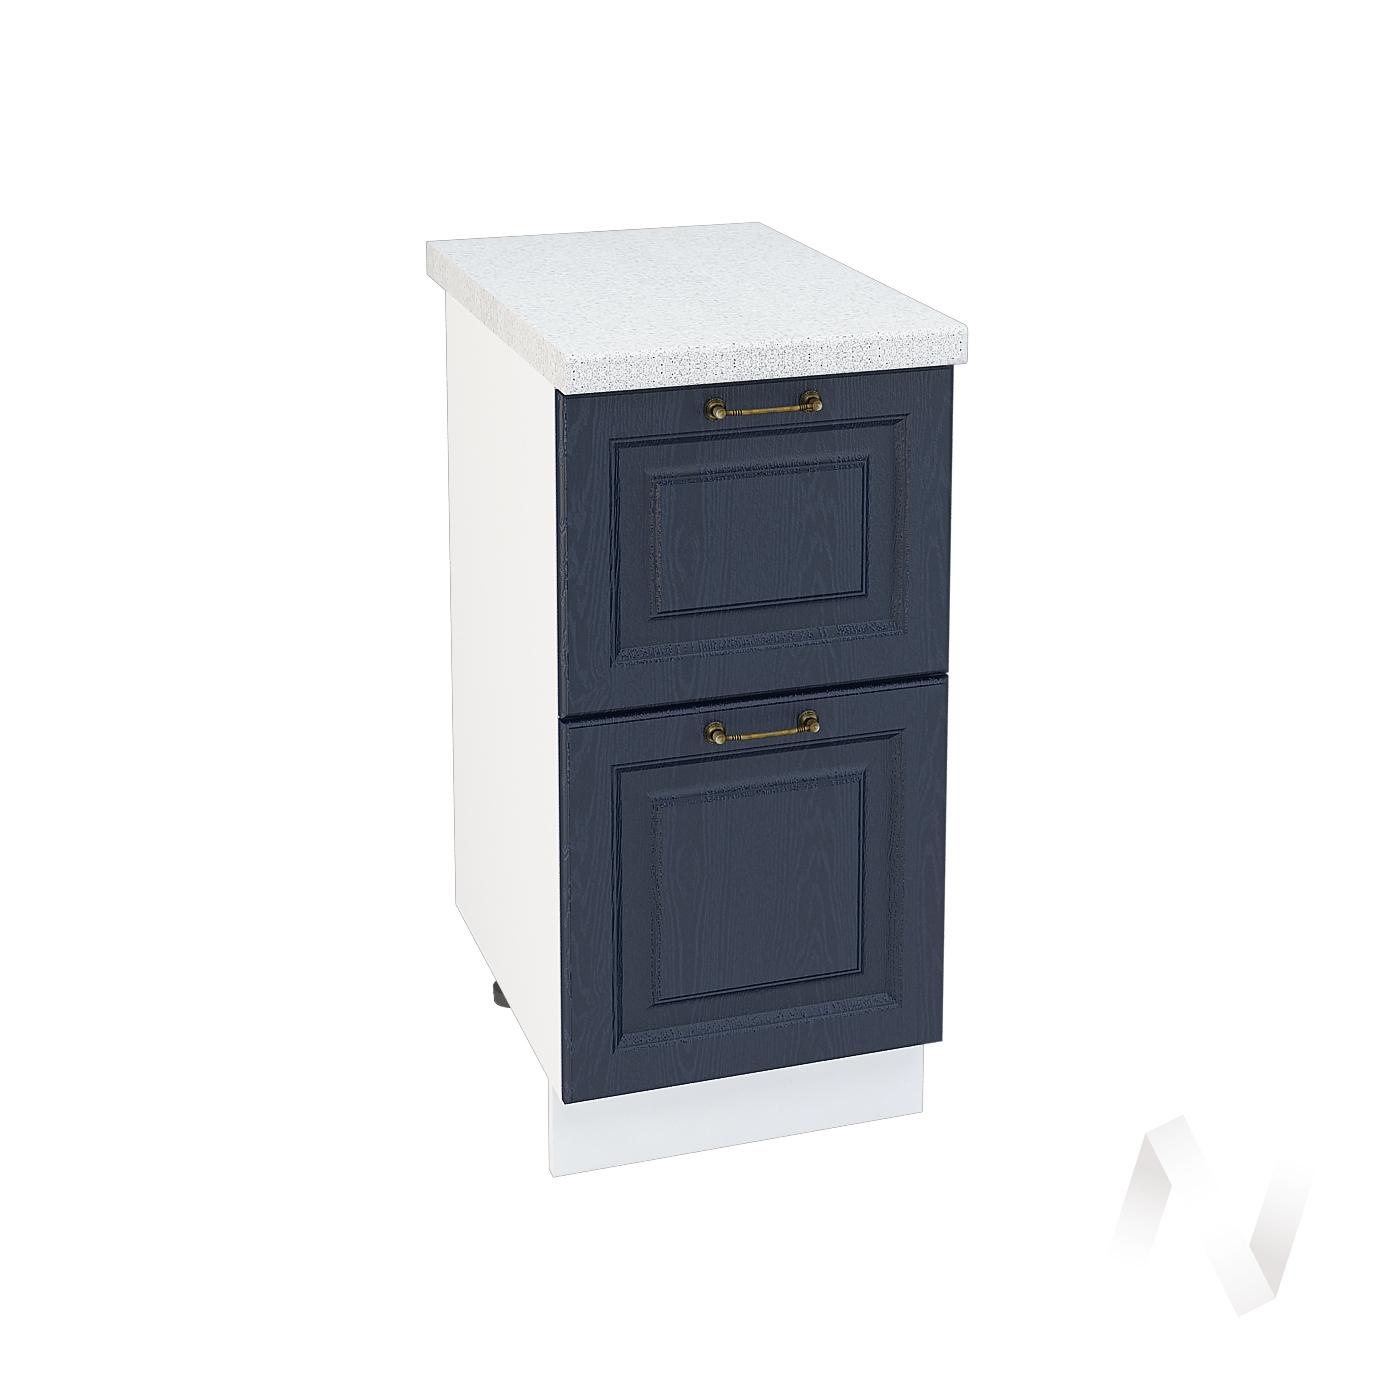 """Кухня """"Ницца"""": Шкаф нижний с 2-мя ящиками 400, ШН2Я 400 (Дуб чернильный/корпус белый)"""